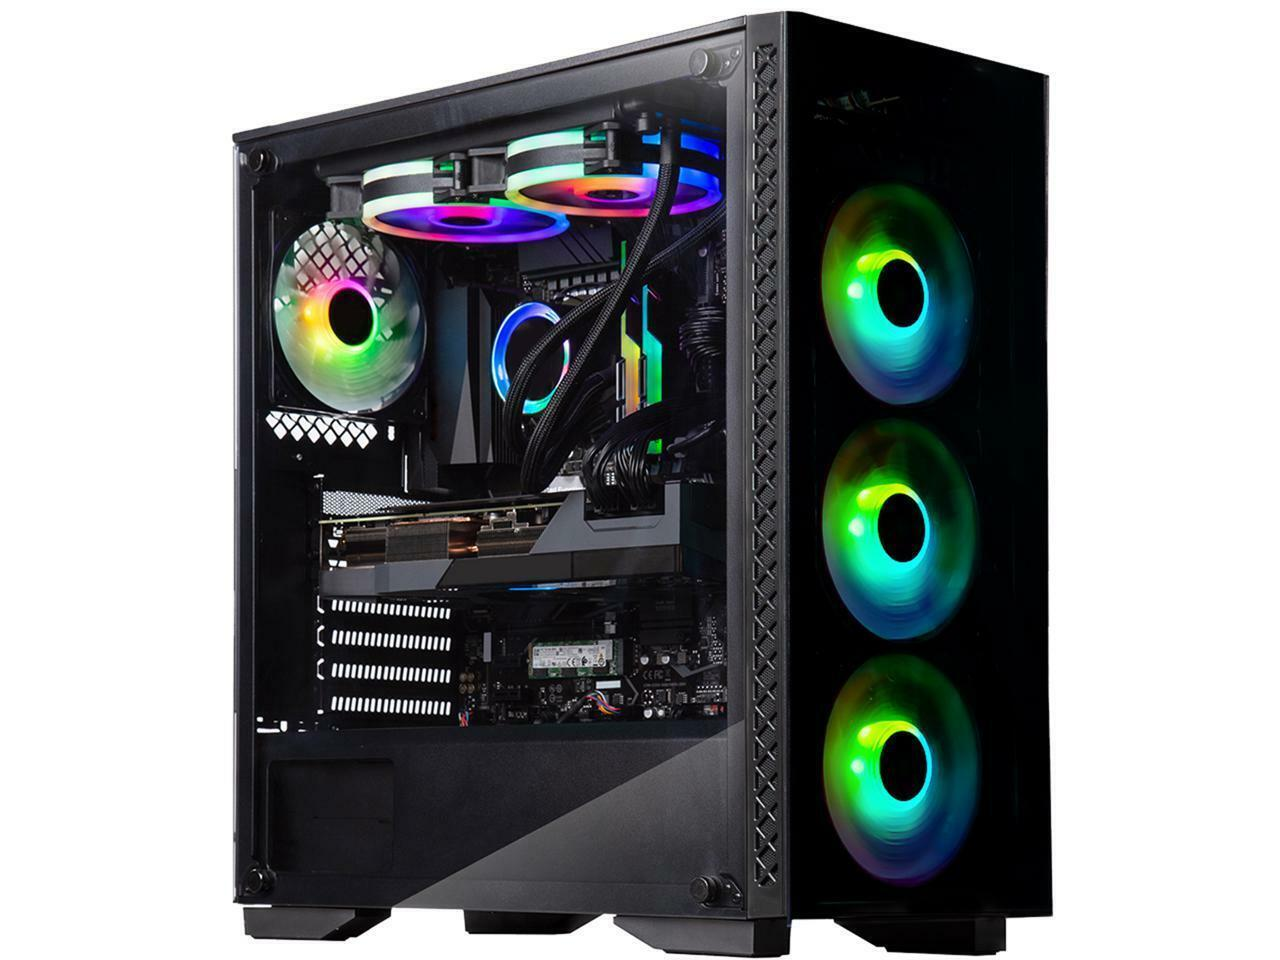 ABS Gladiator Gaming PC - Intel i7 10700K - GeForce RTX 3080 - G.Skill TridentZ